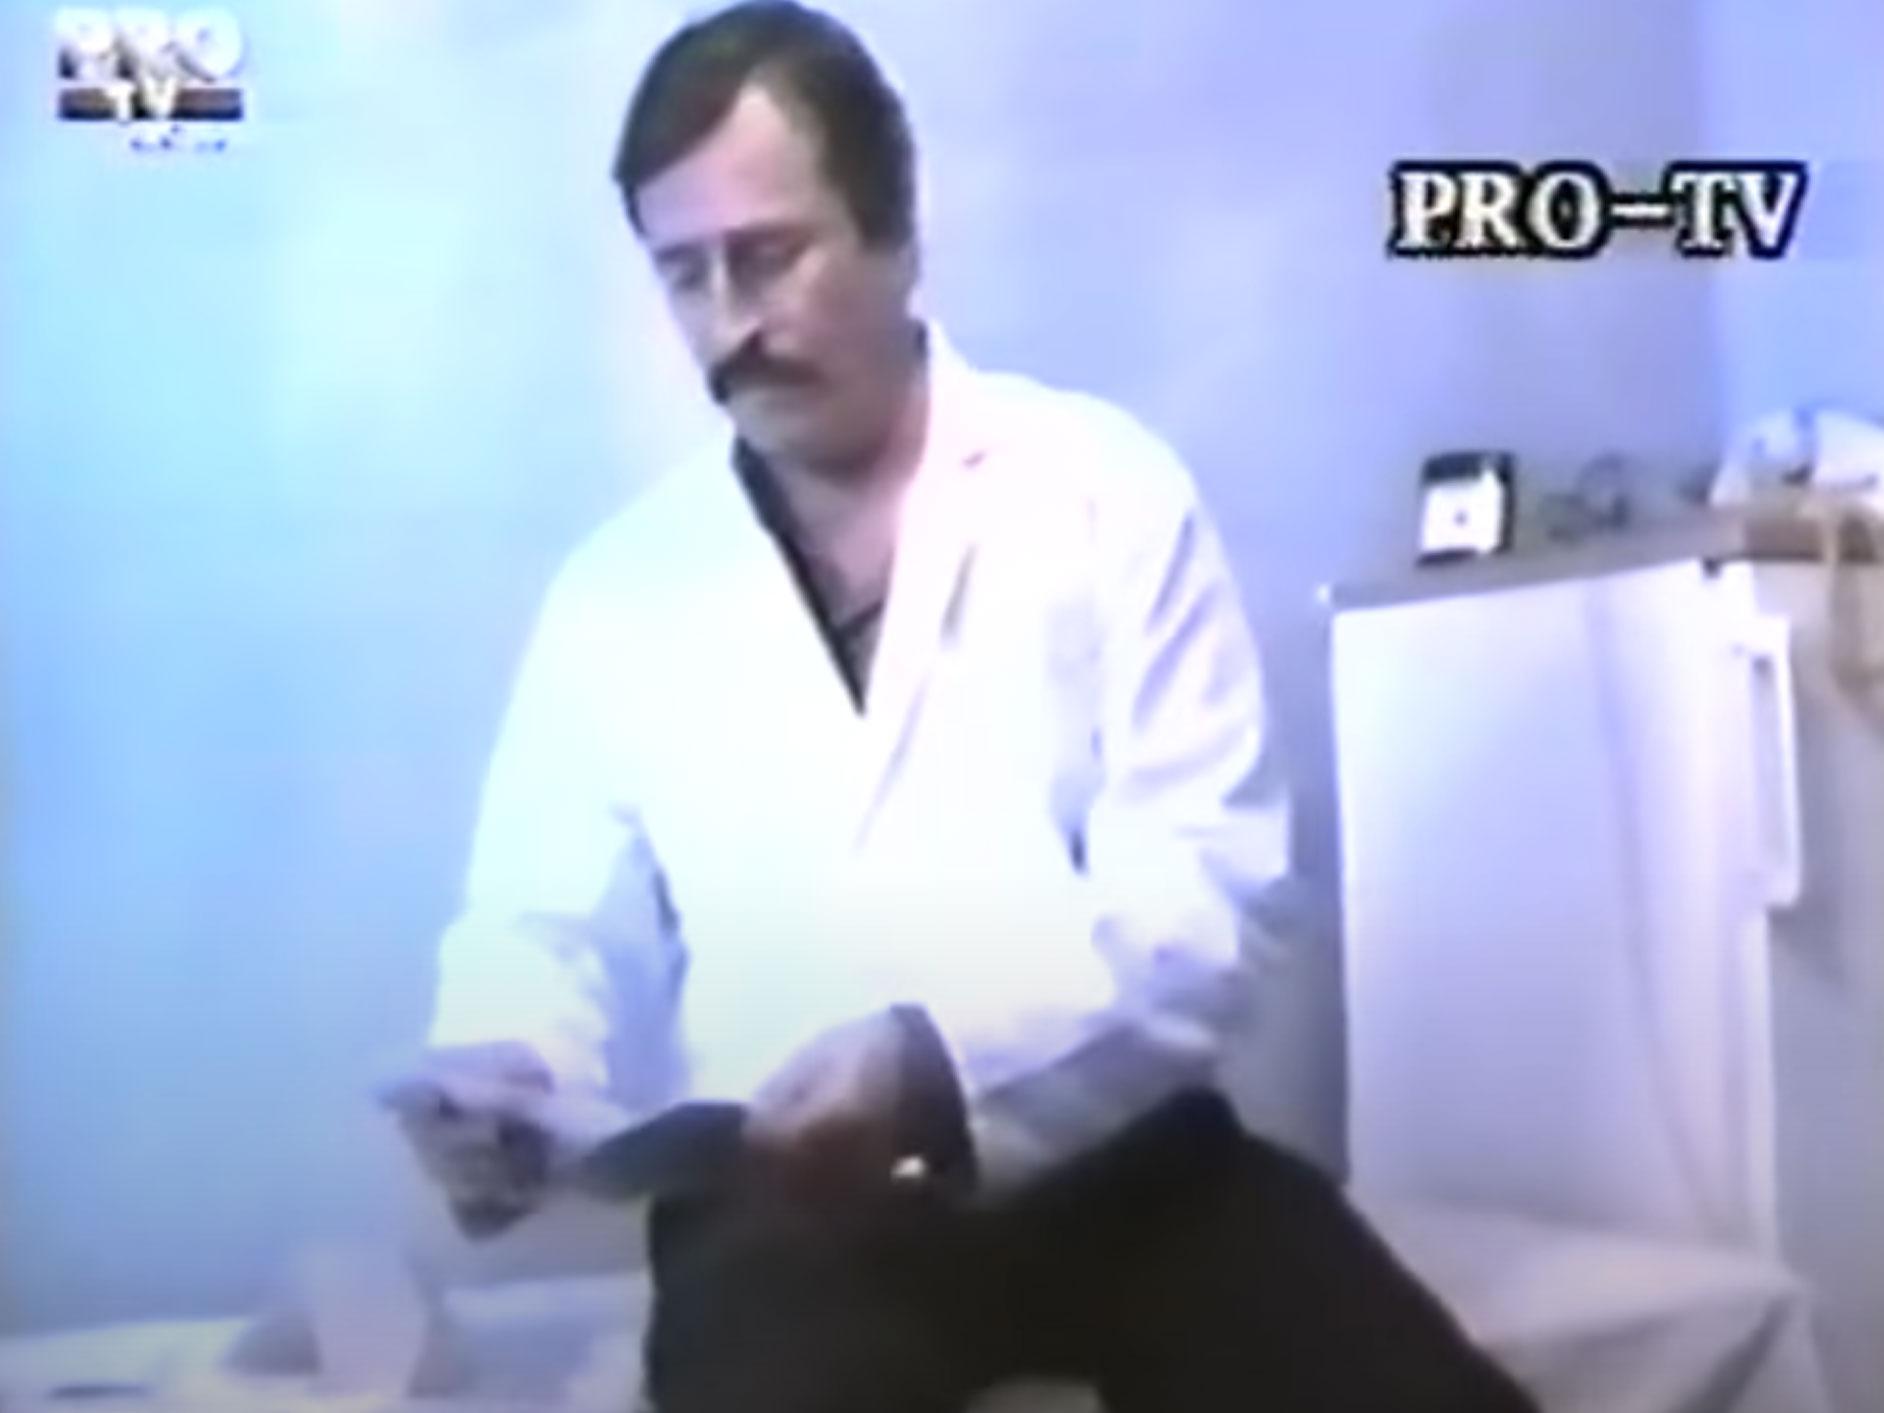 ioan-bircea-pro-tv-2000